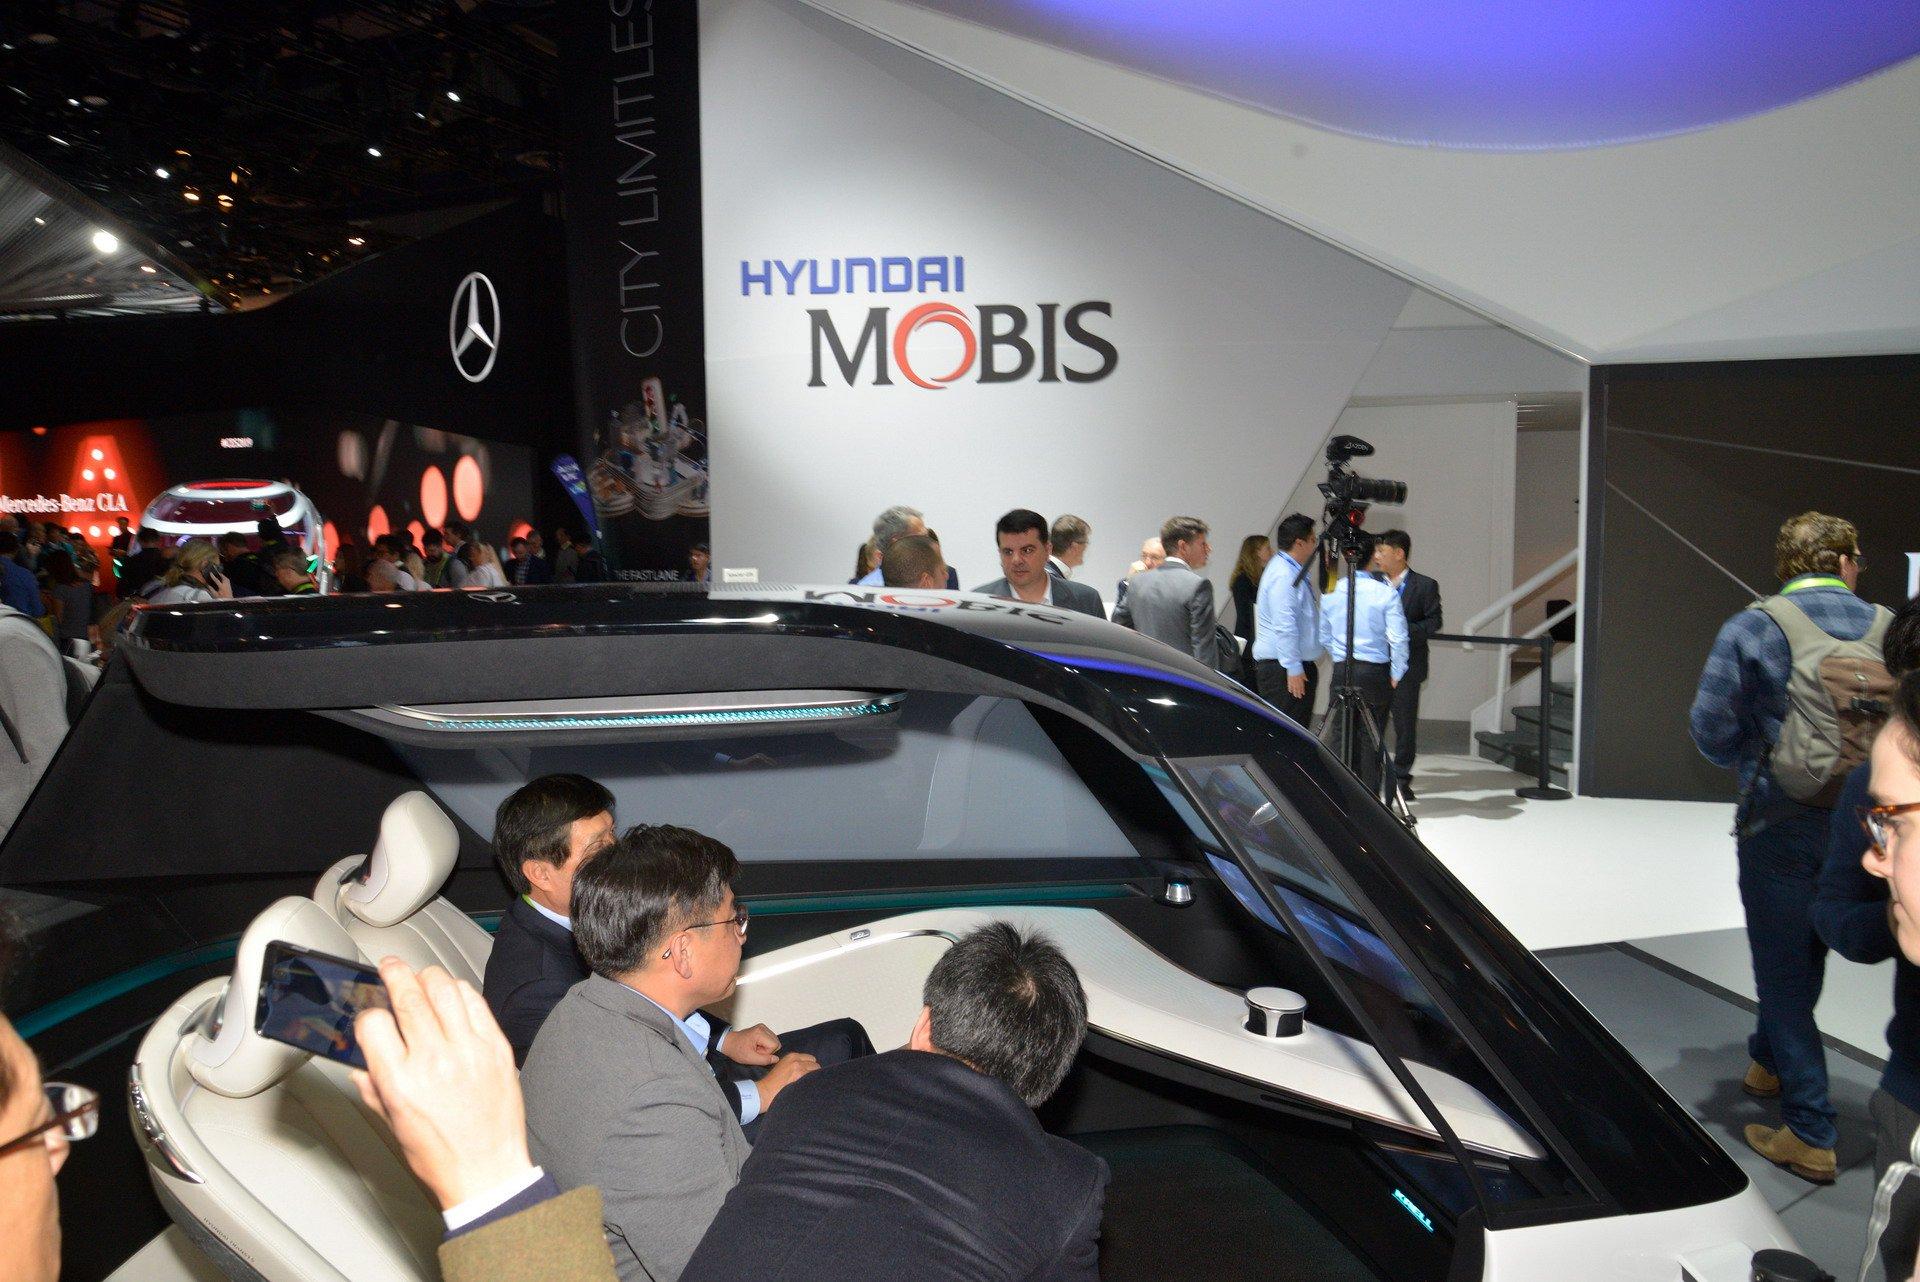 Hyundai MobisAutonomous Driving Interior Concept (2)